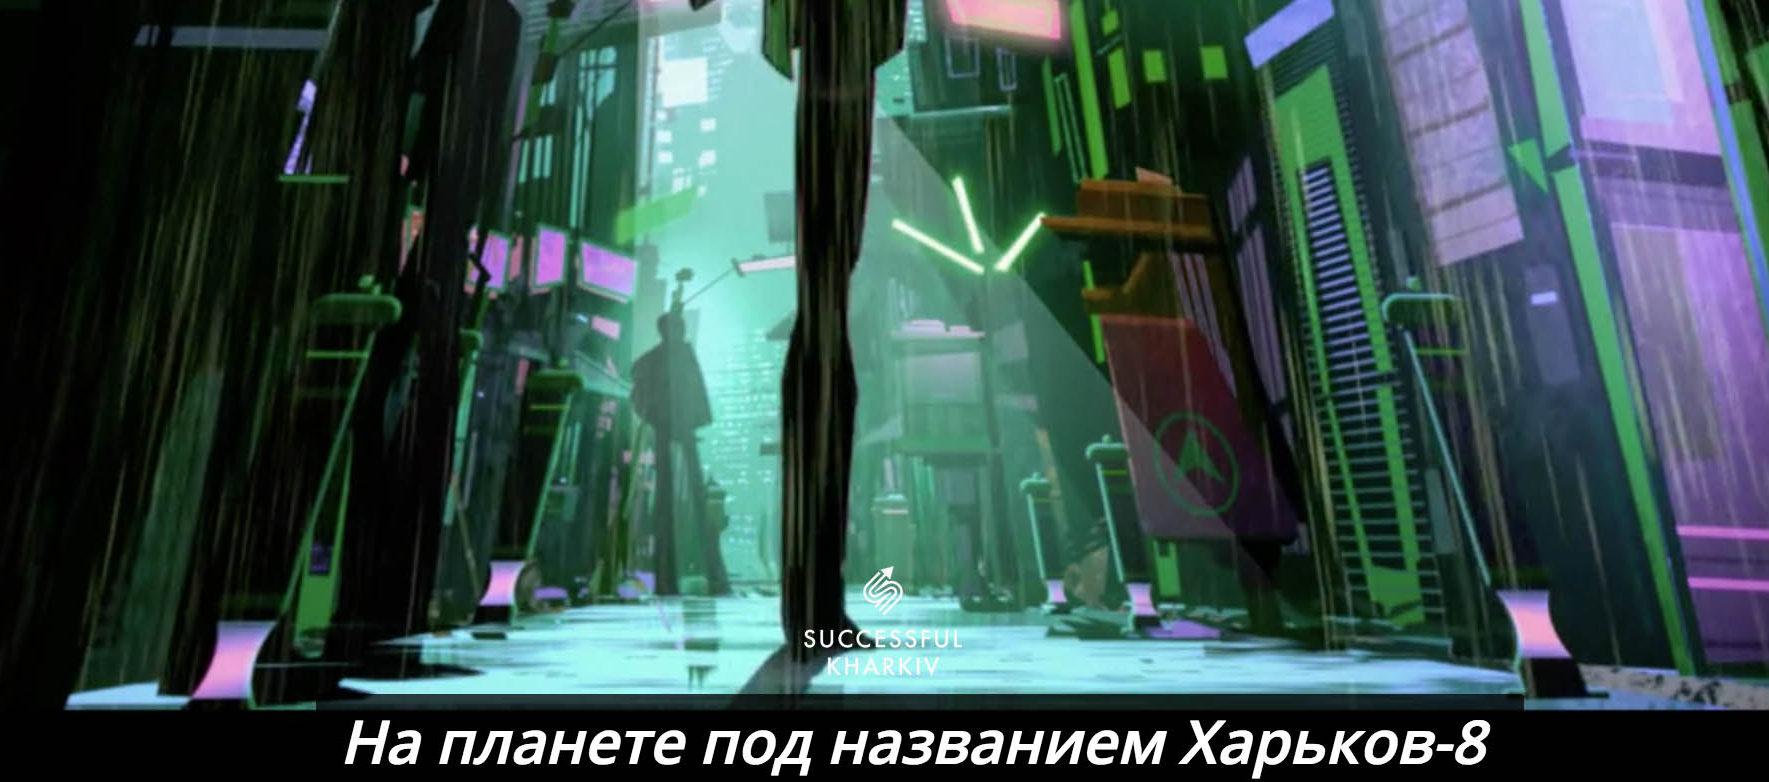 Город Харьков был упомянут в одной из короткометражек компании Netflix